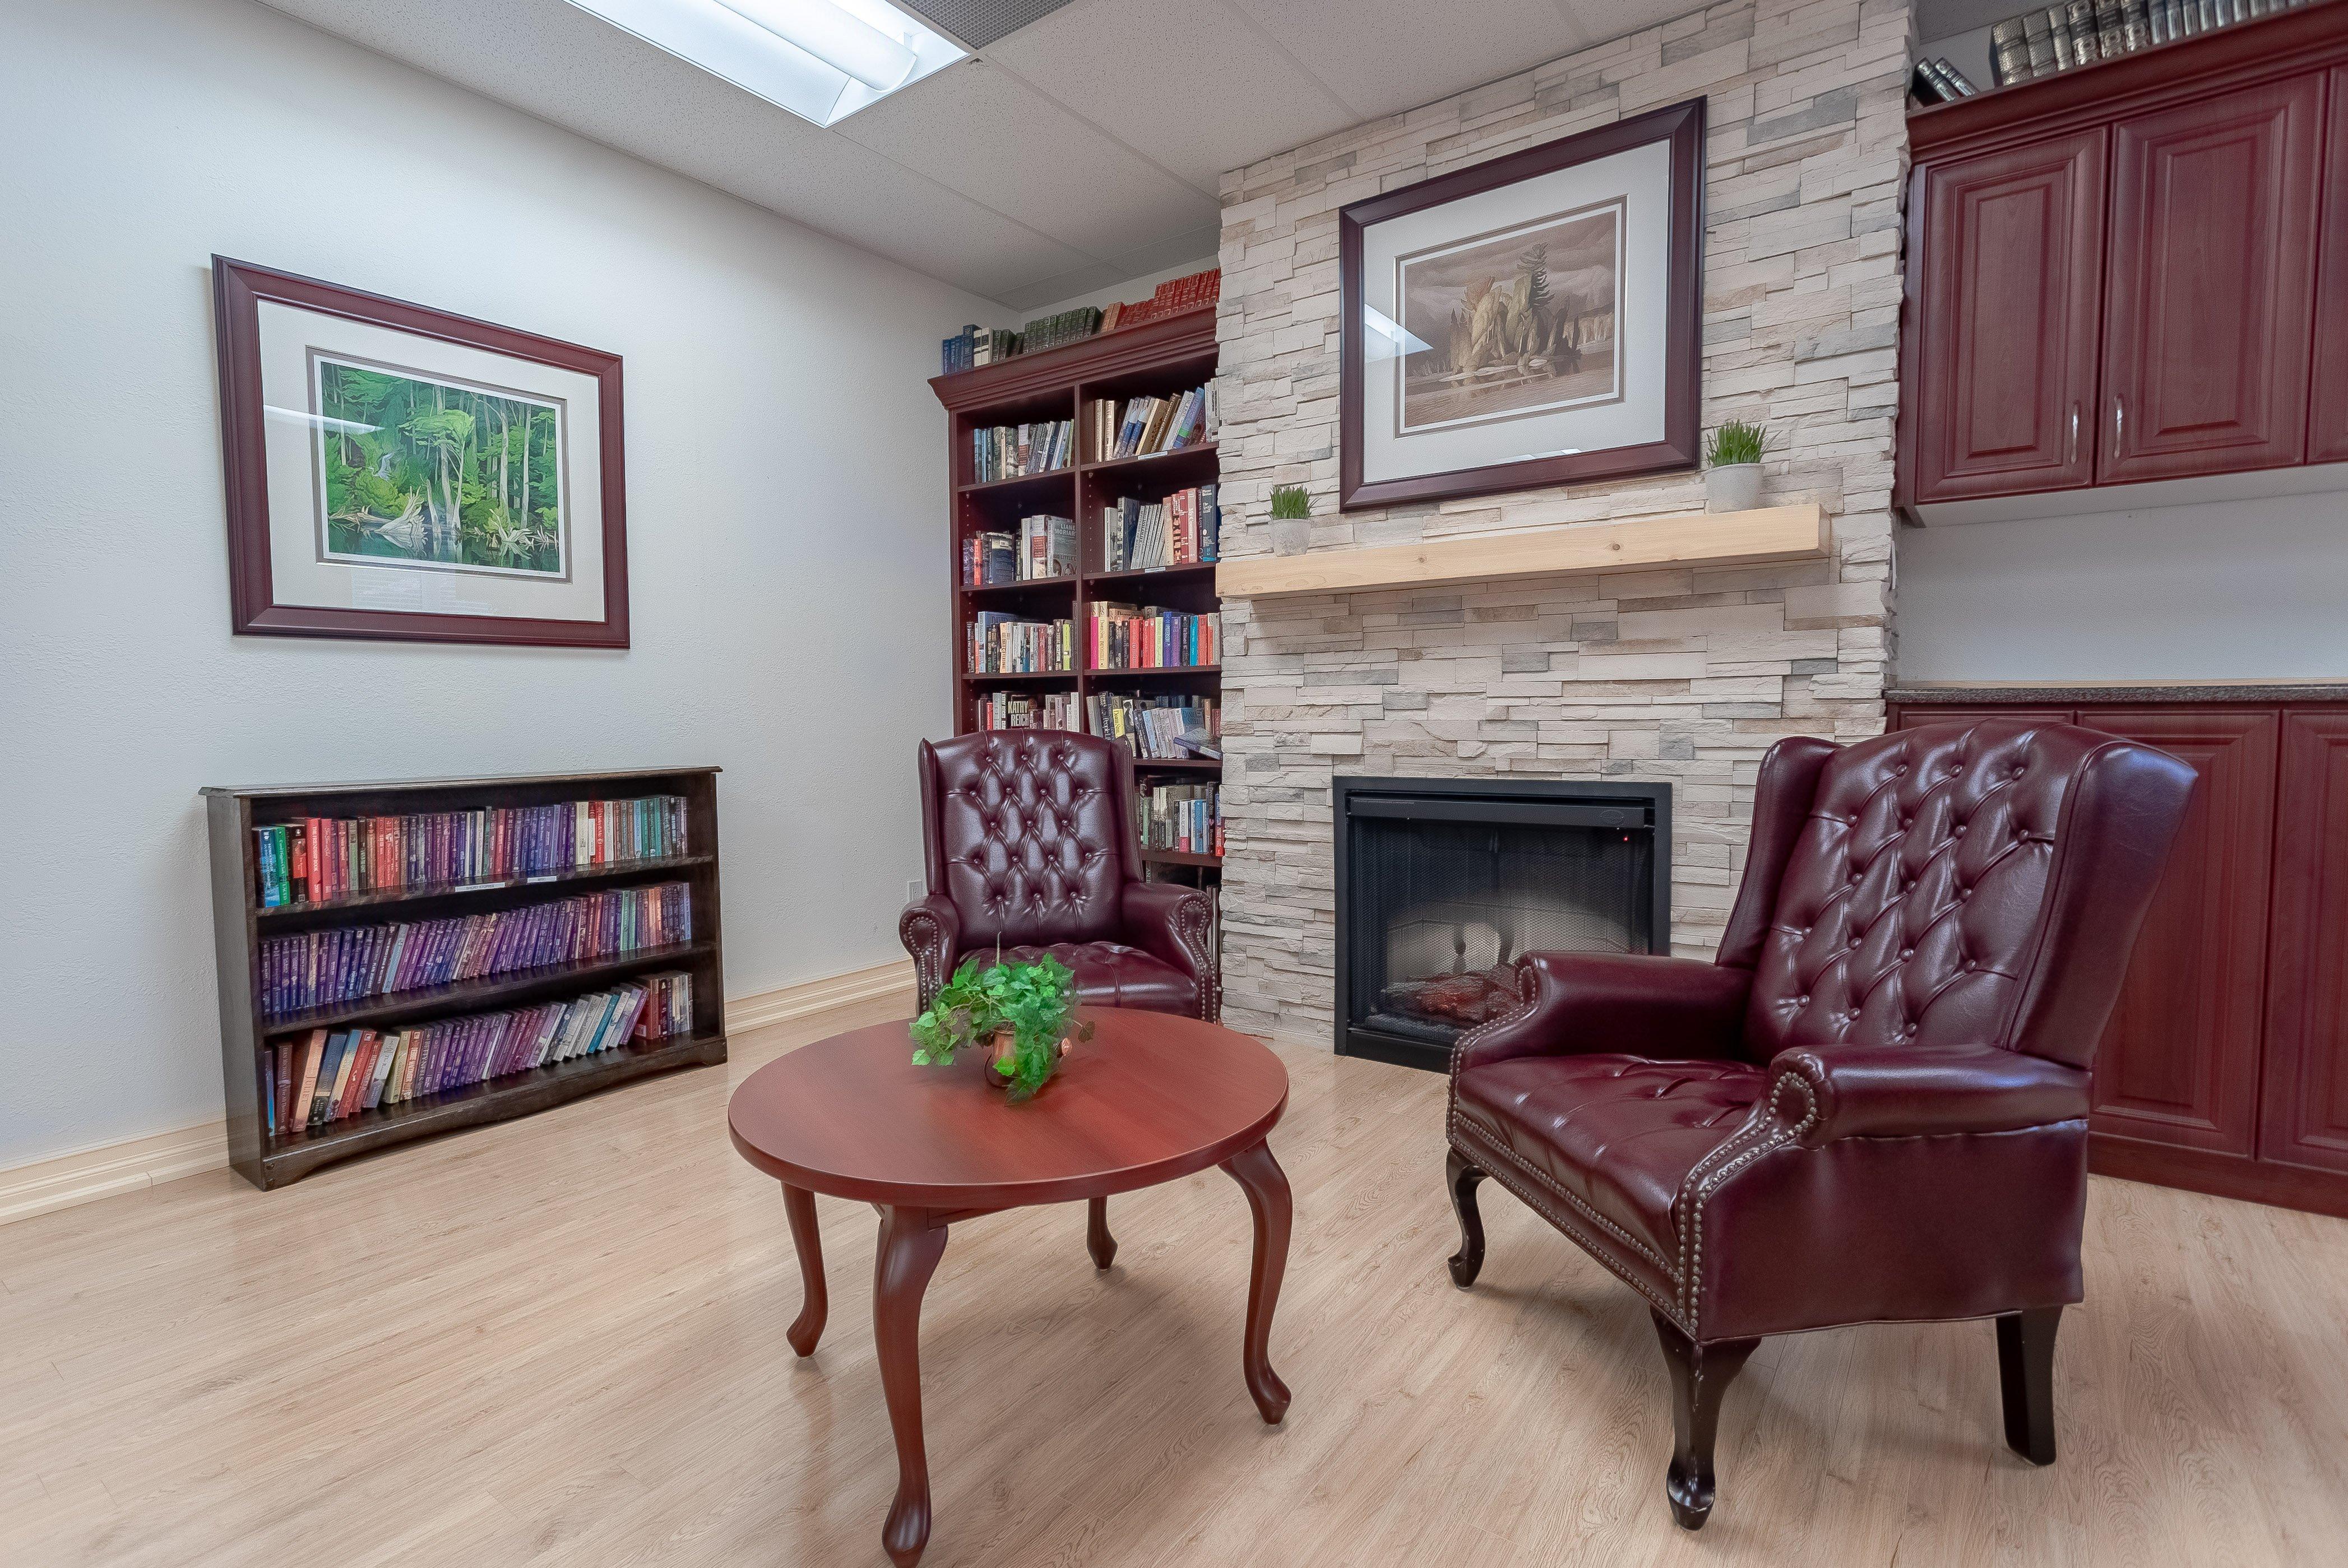 Fireplace at Kawartha Lakes Retirement Residence